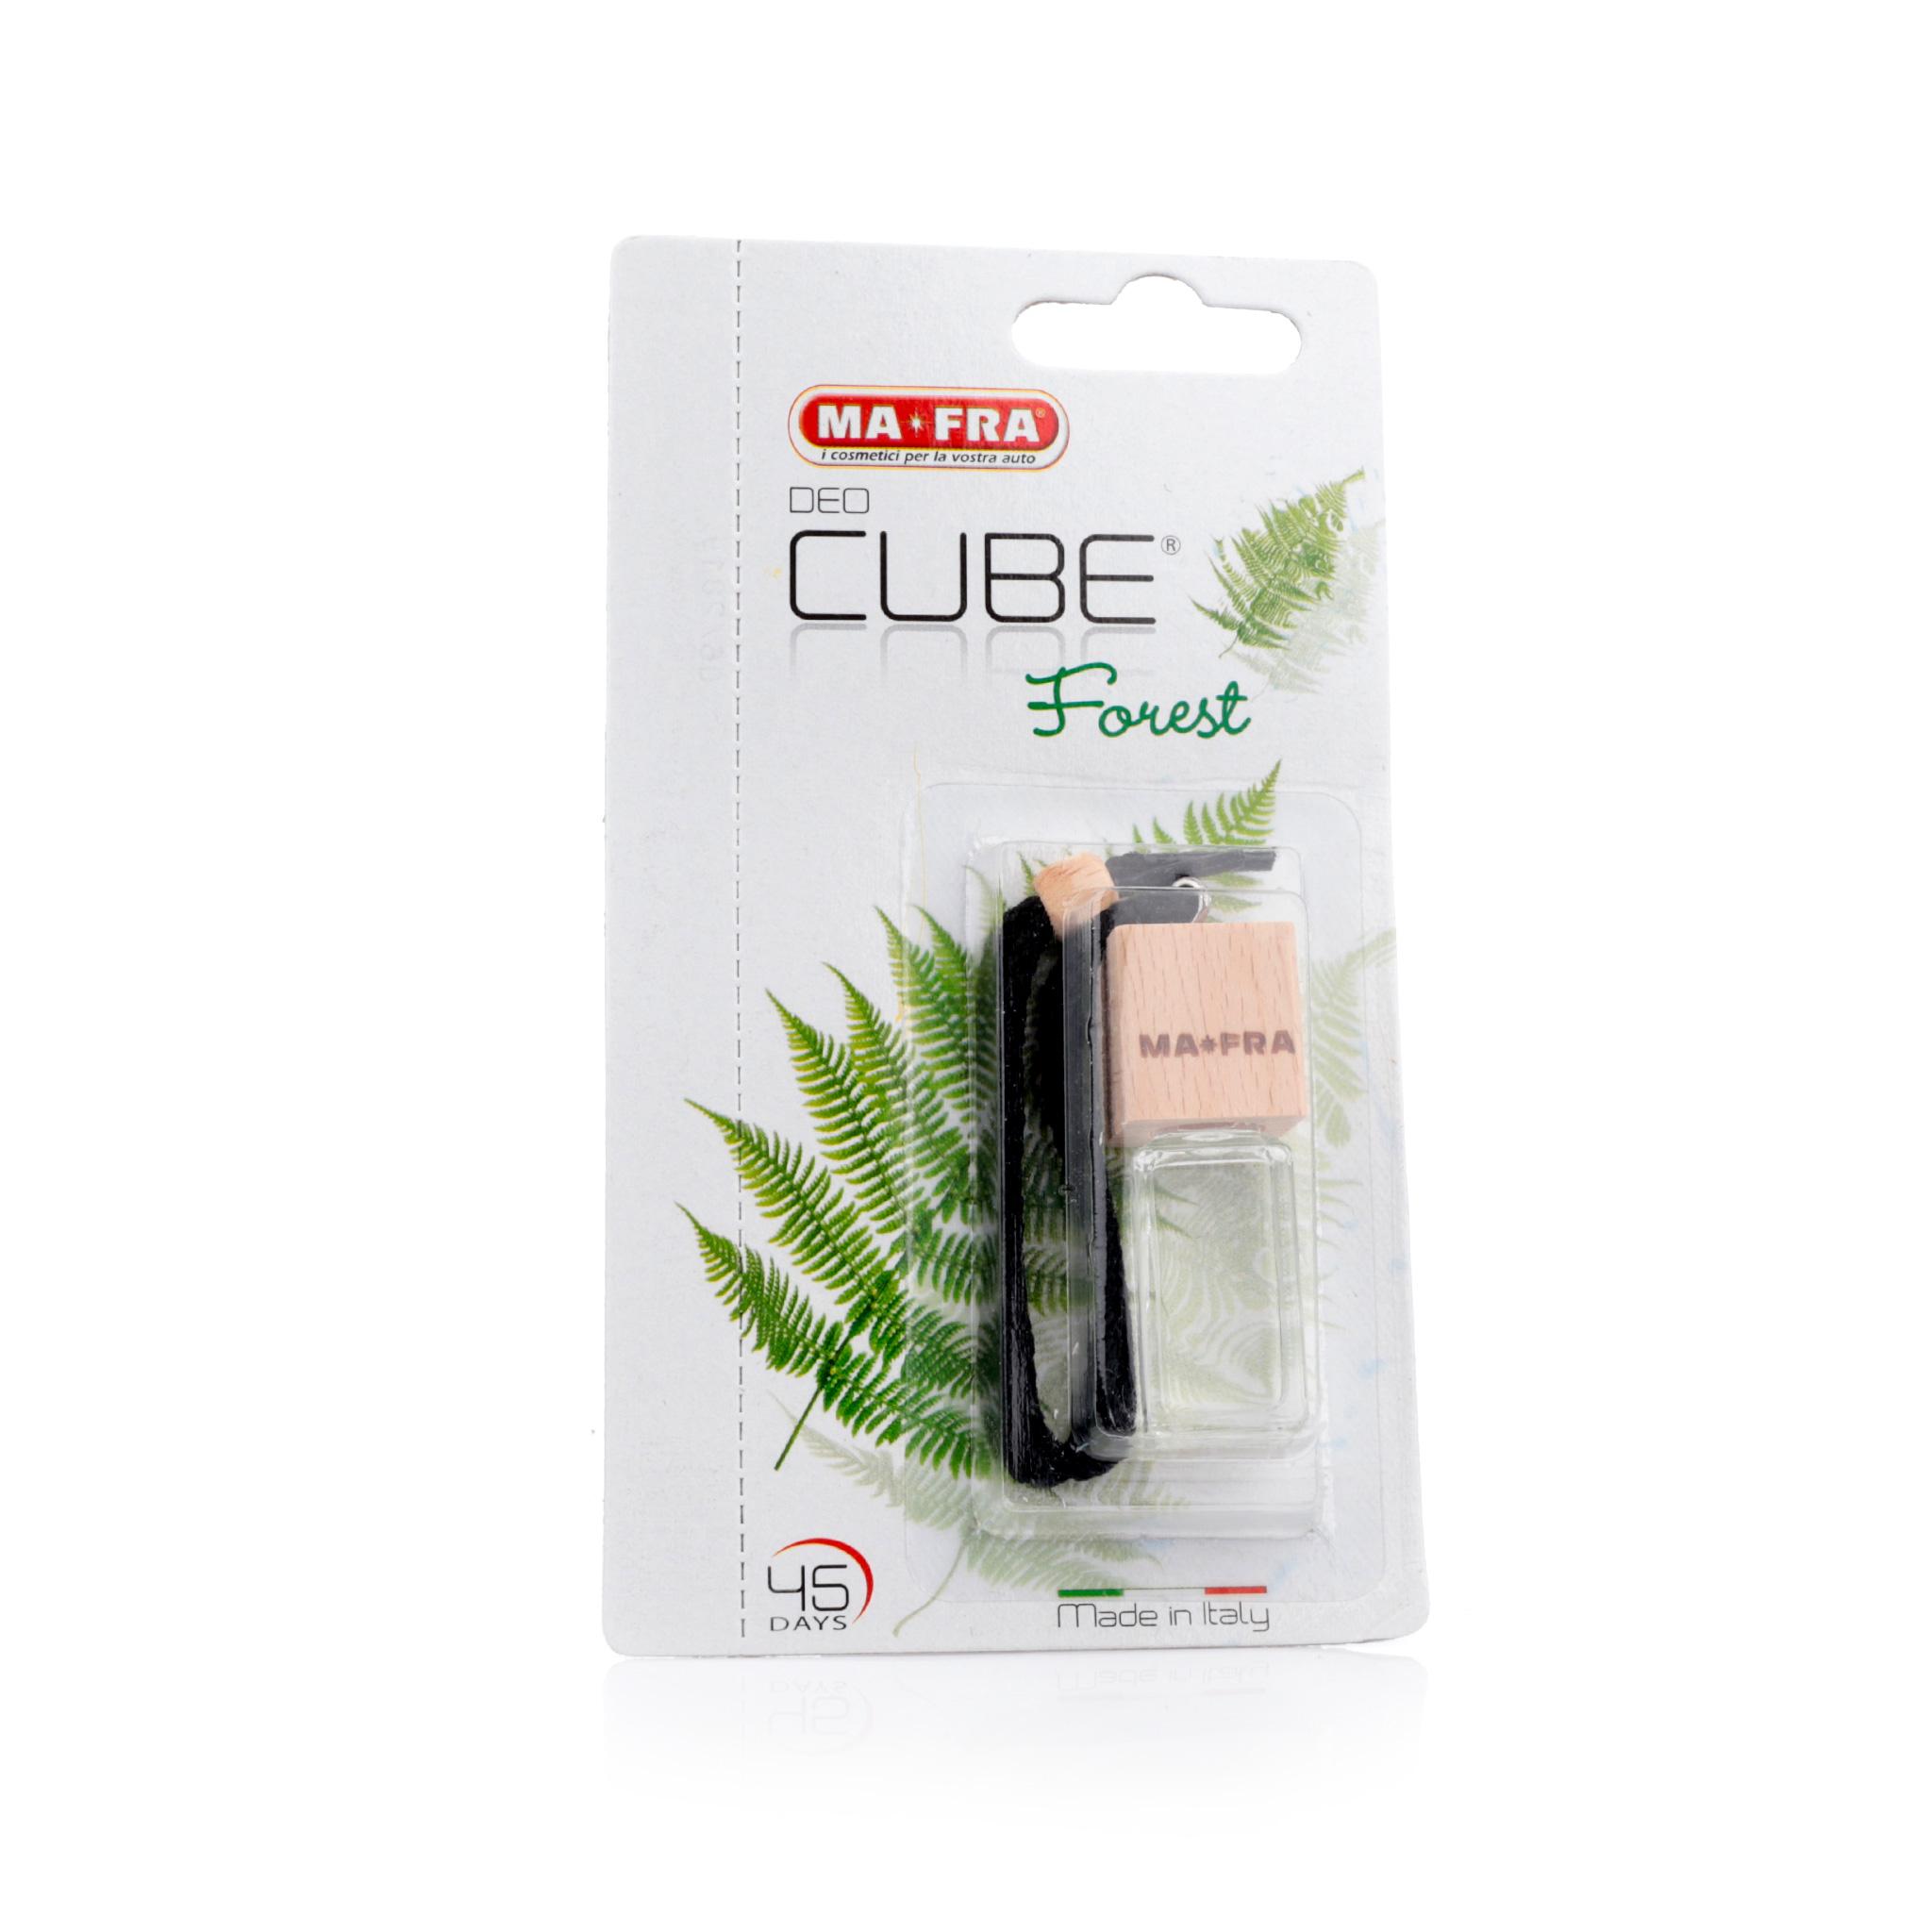 Luftfräschare Mafra Deo-Cube, Forest